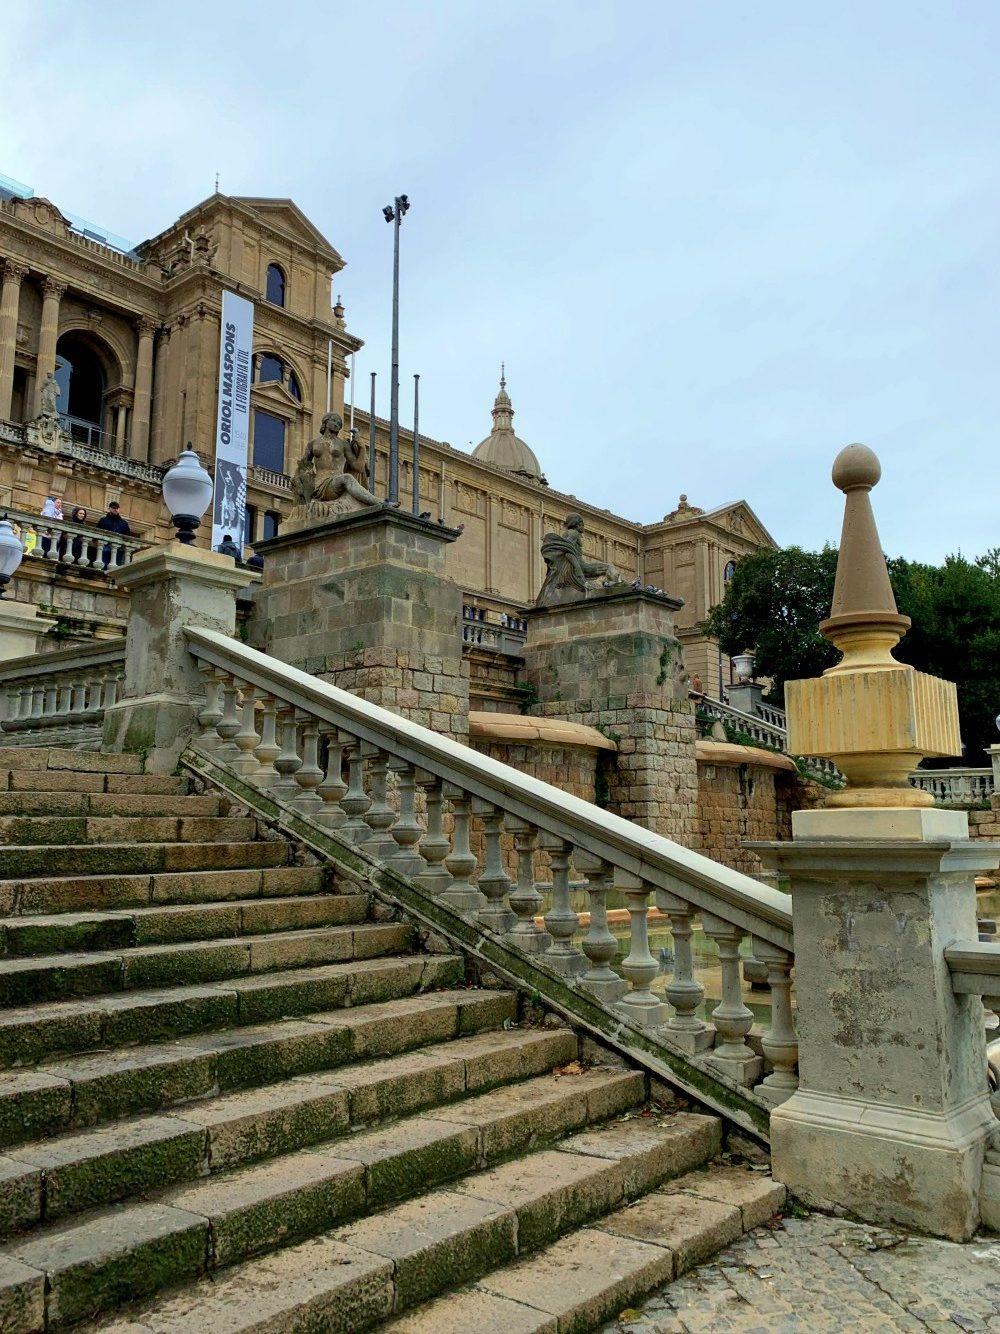 Museu Nacional d'arte de Catalunya